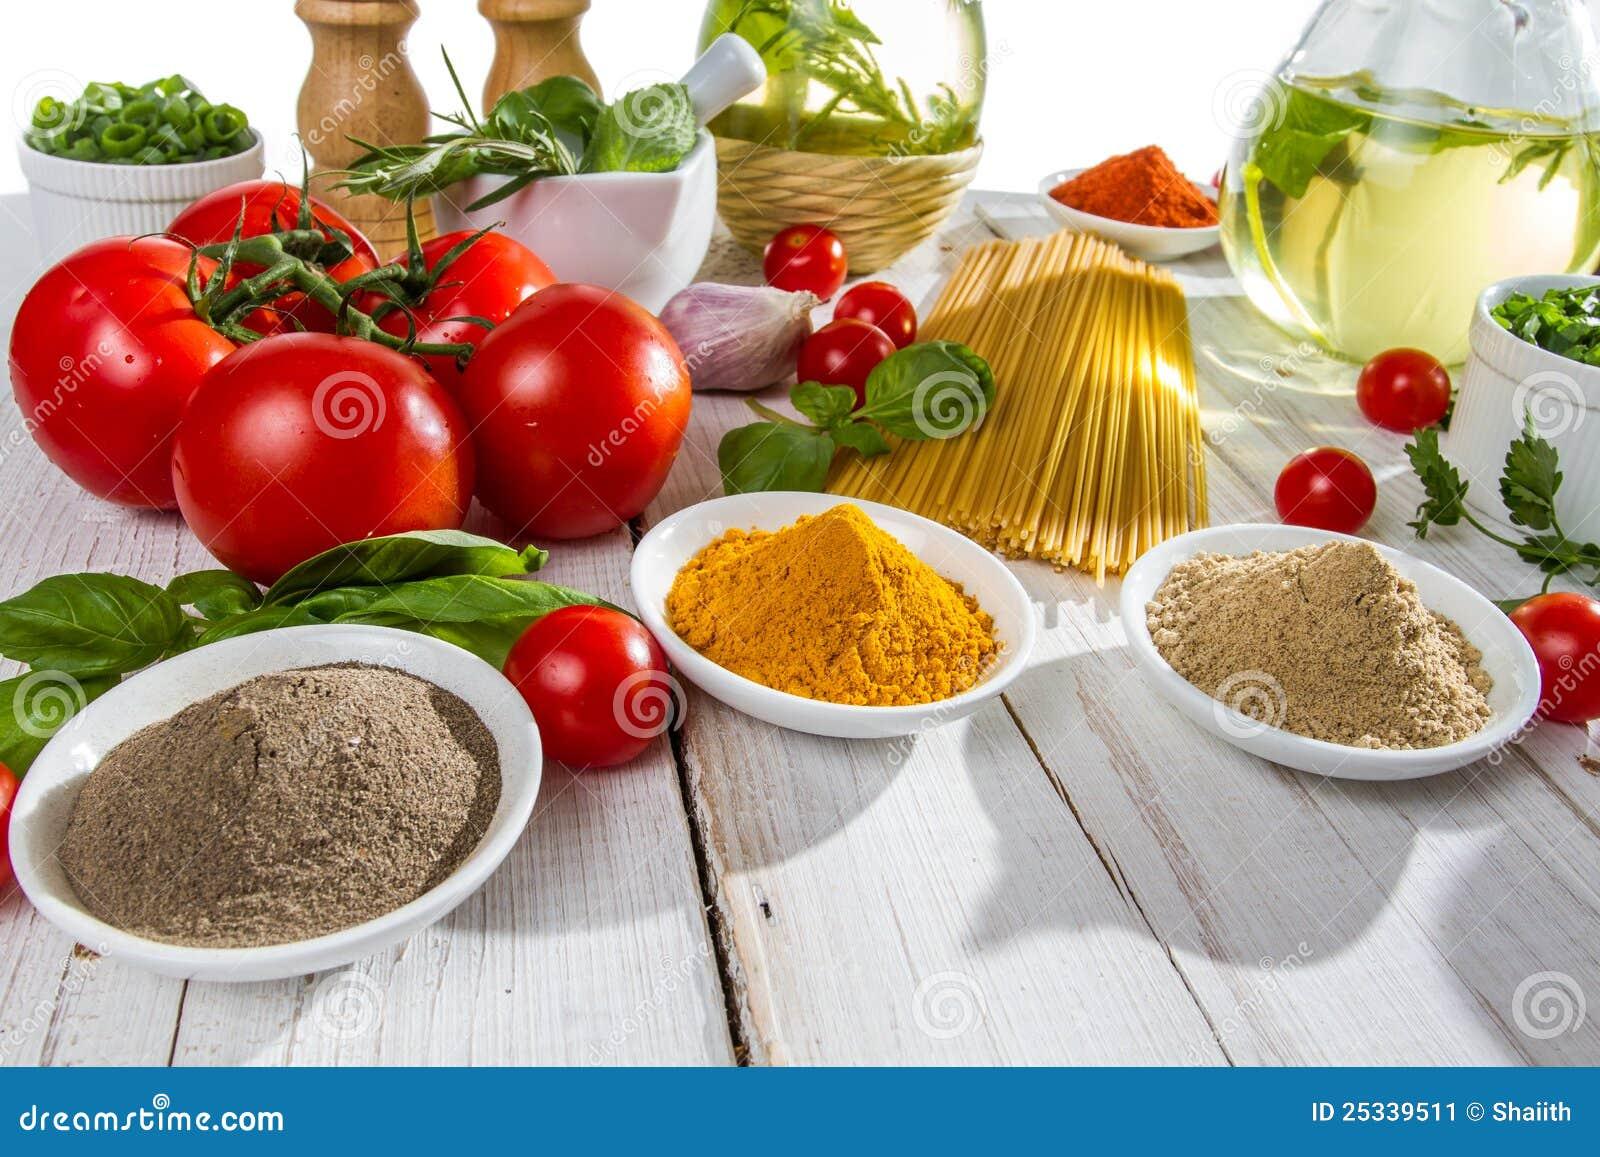 Ingredients healthy